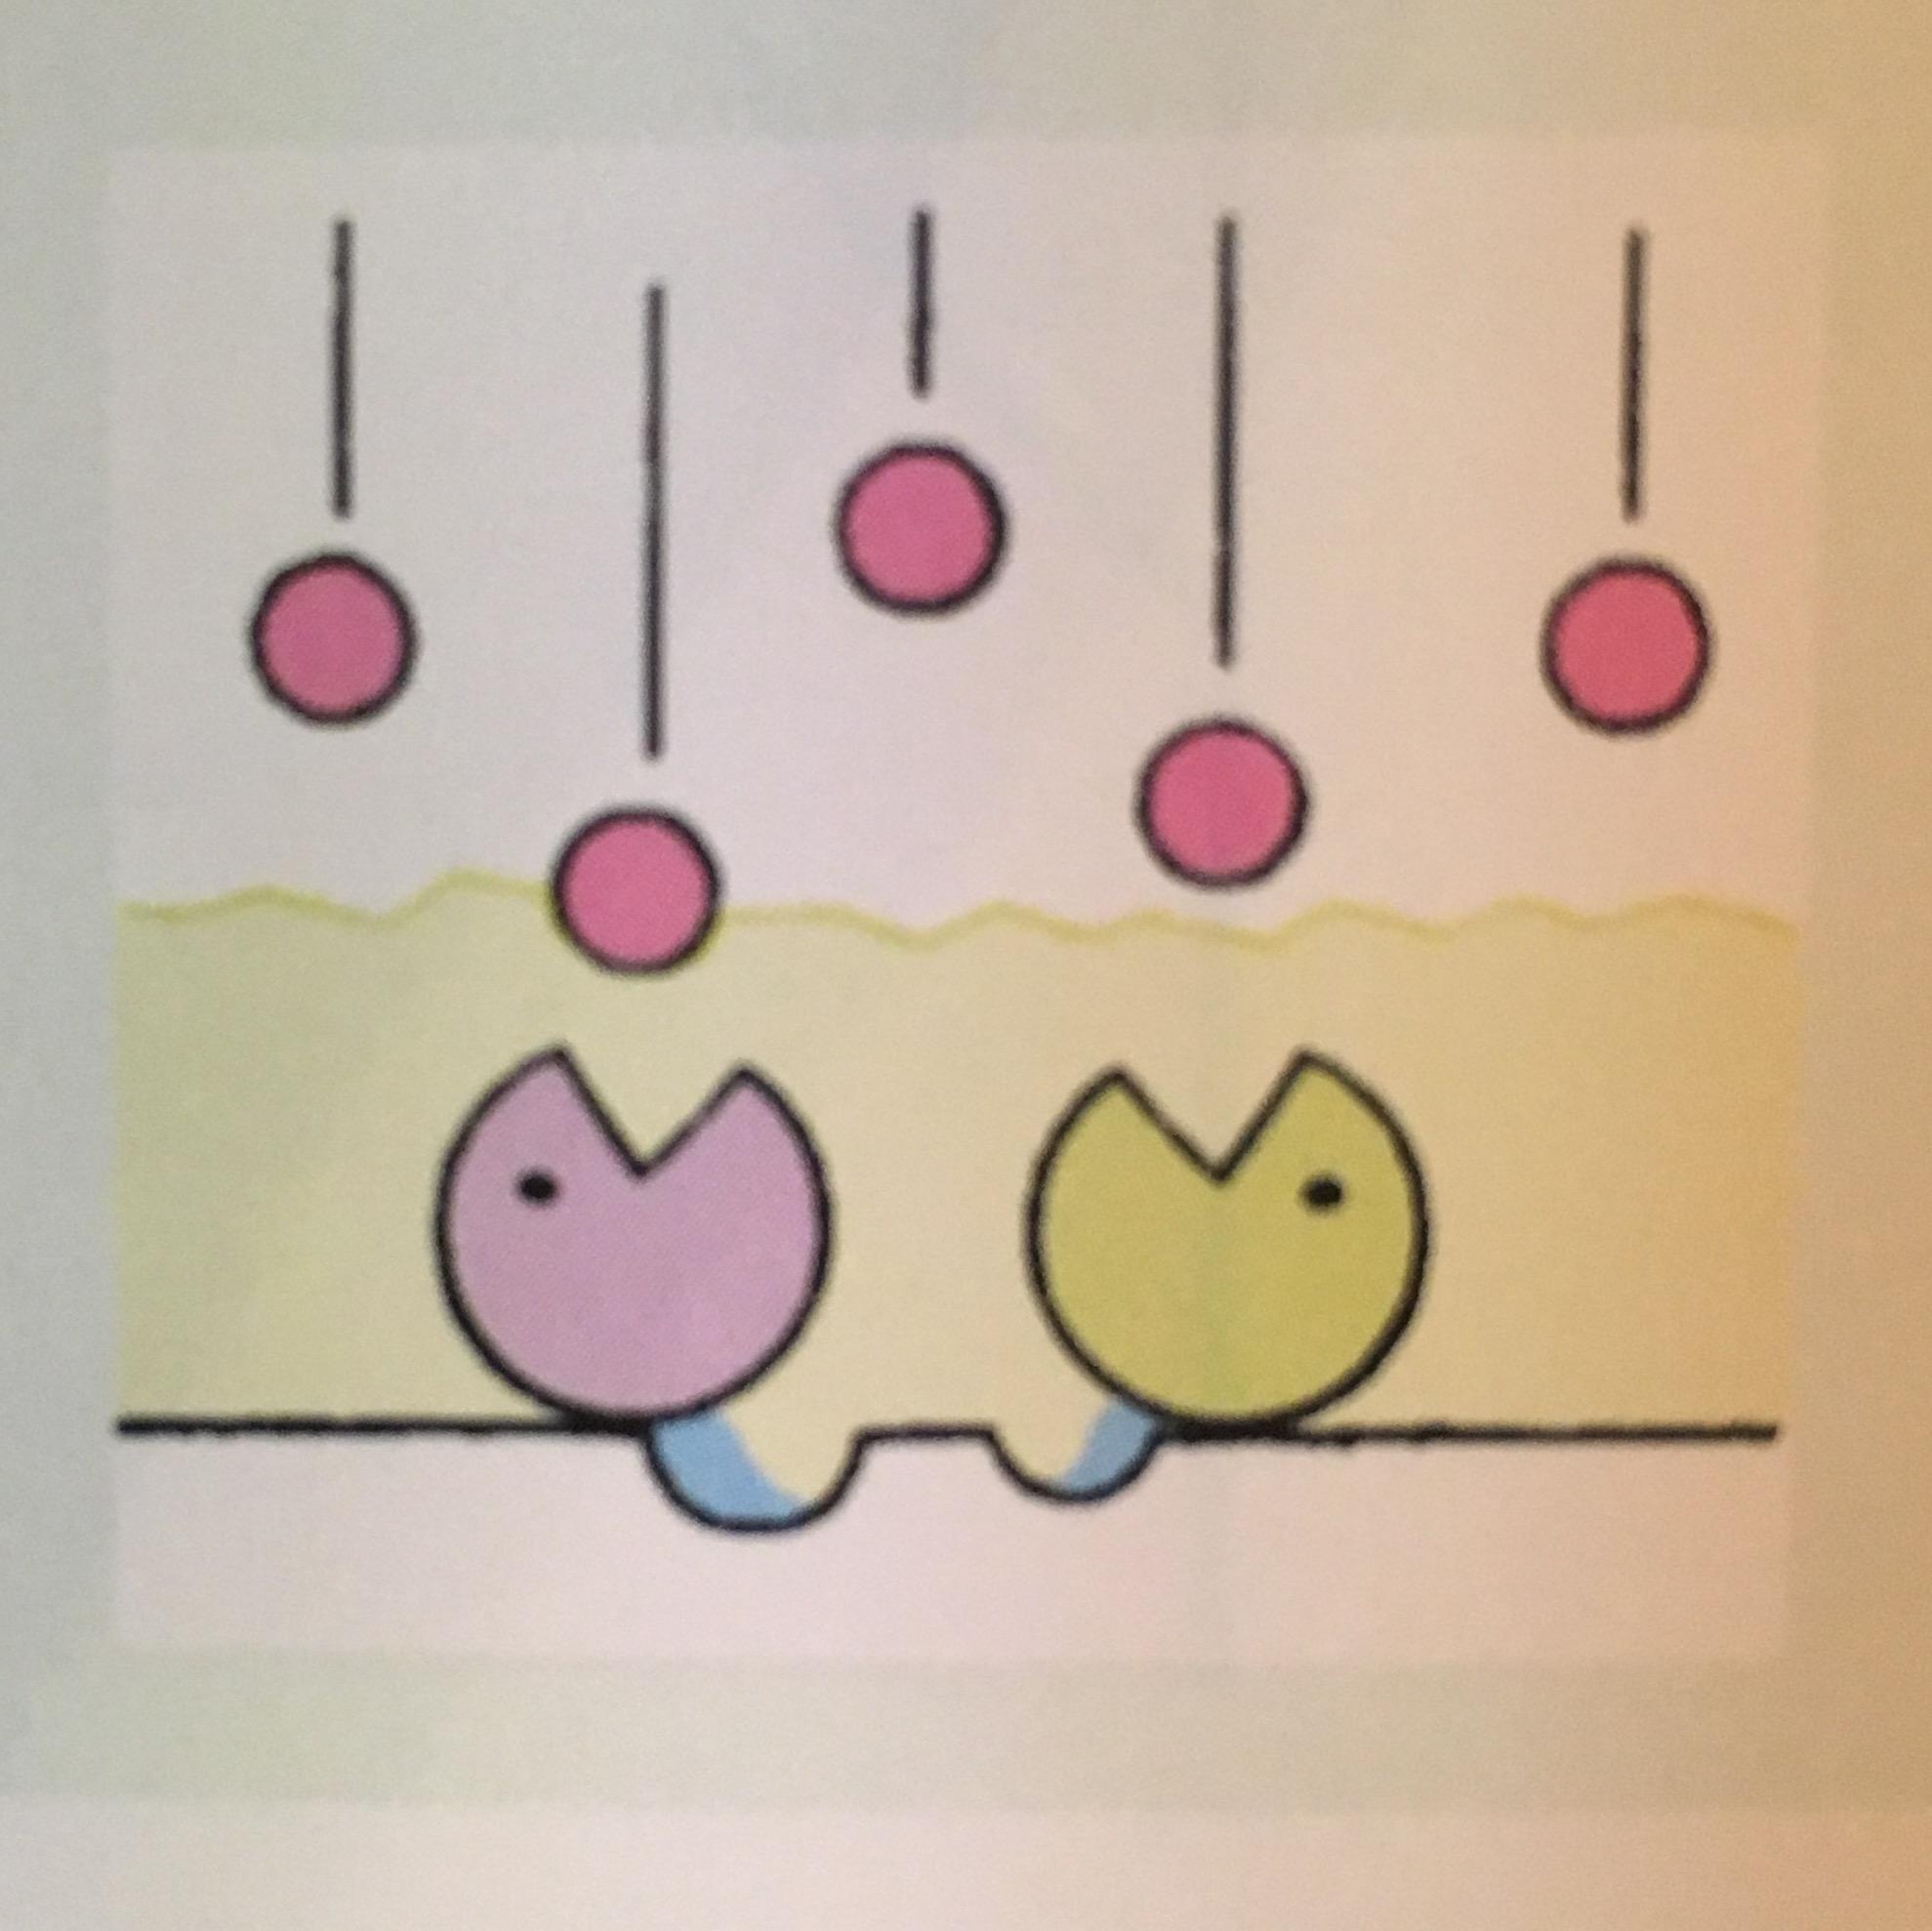 糖を餌にするプラークの画像